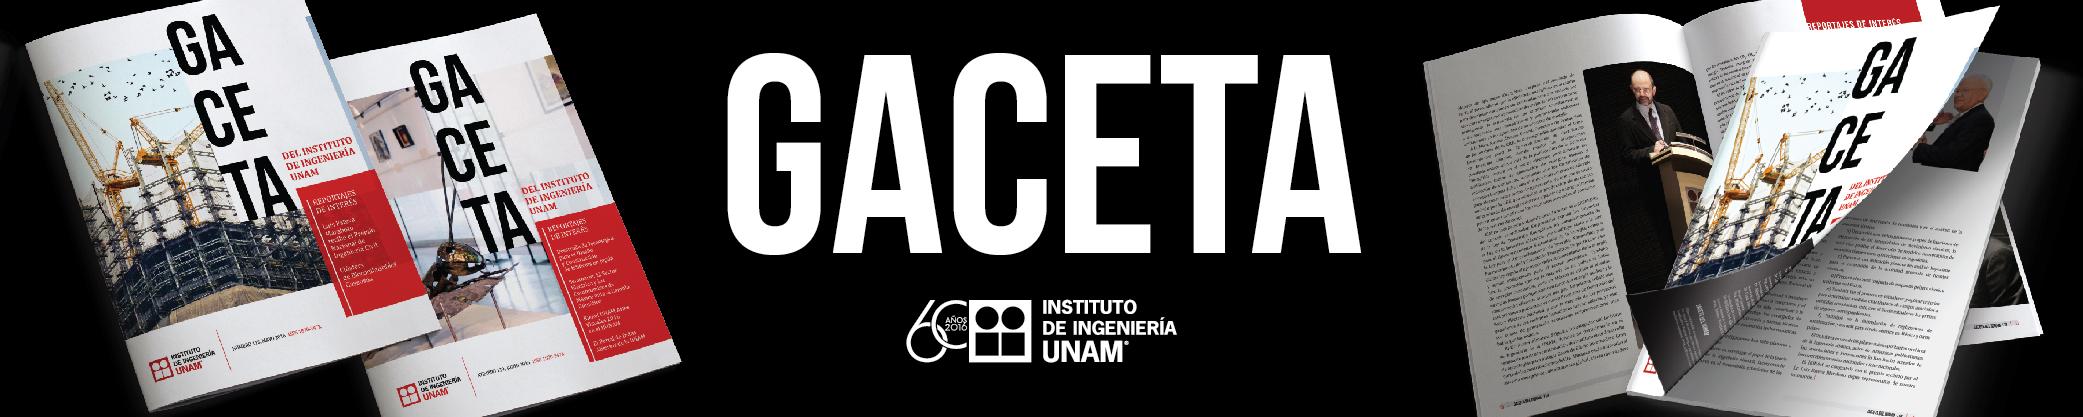 GACETA DEL INSTITUTO DE INGENIERÍA UNAM